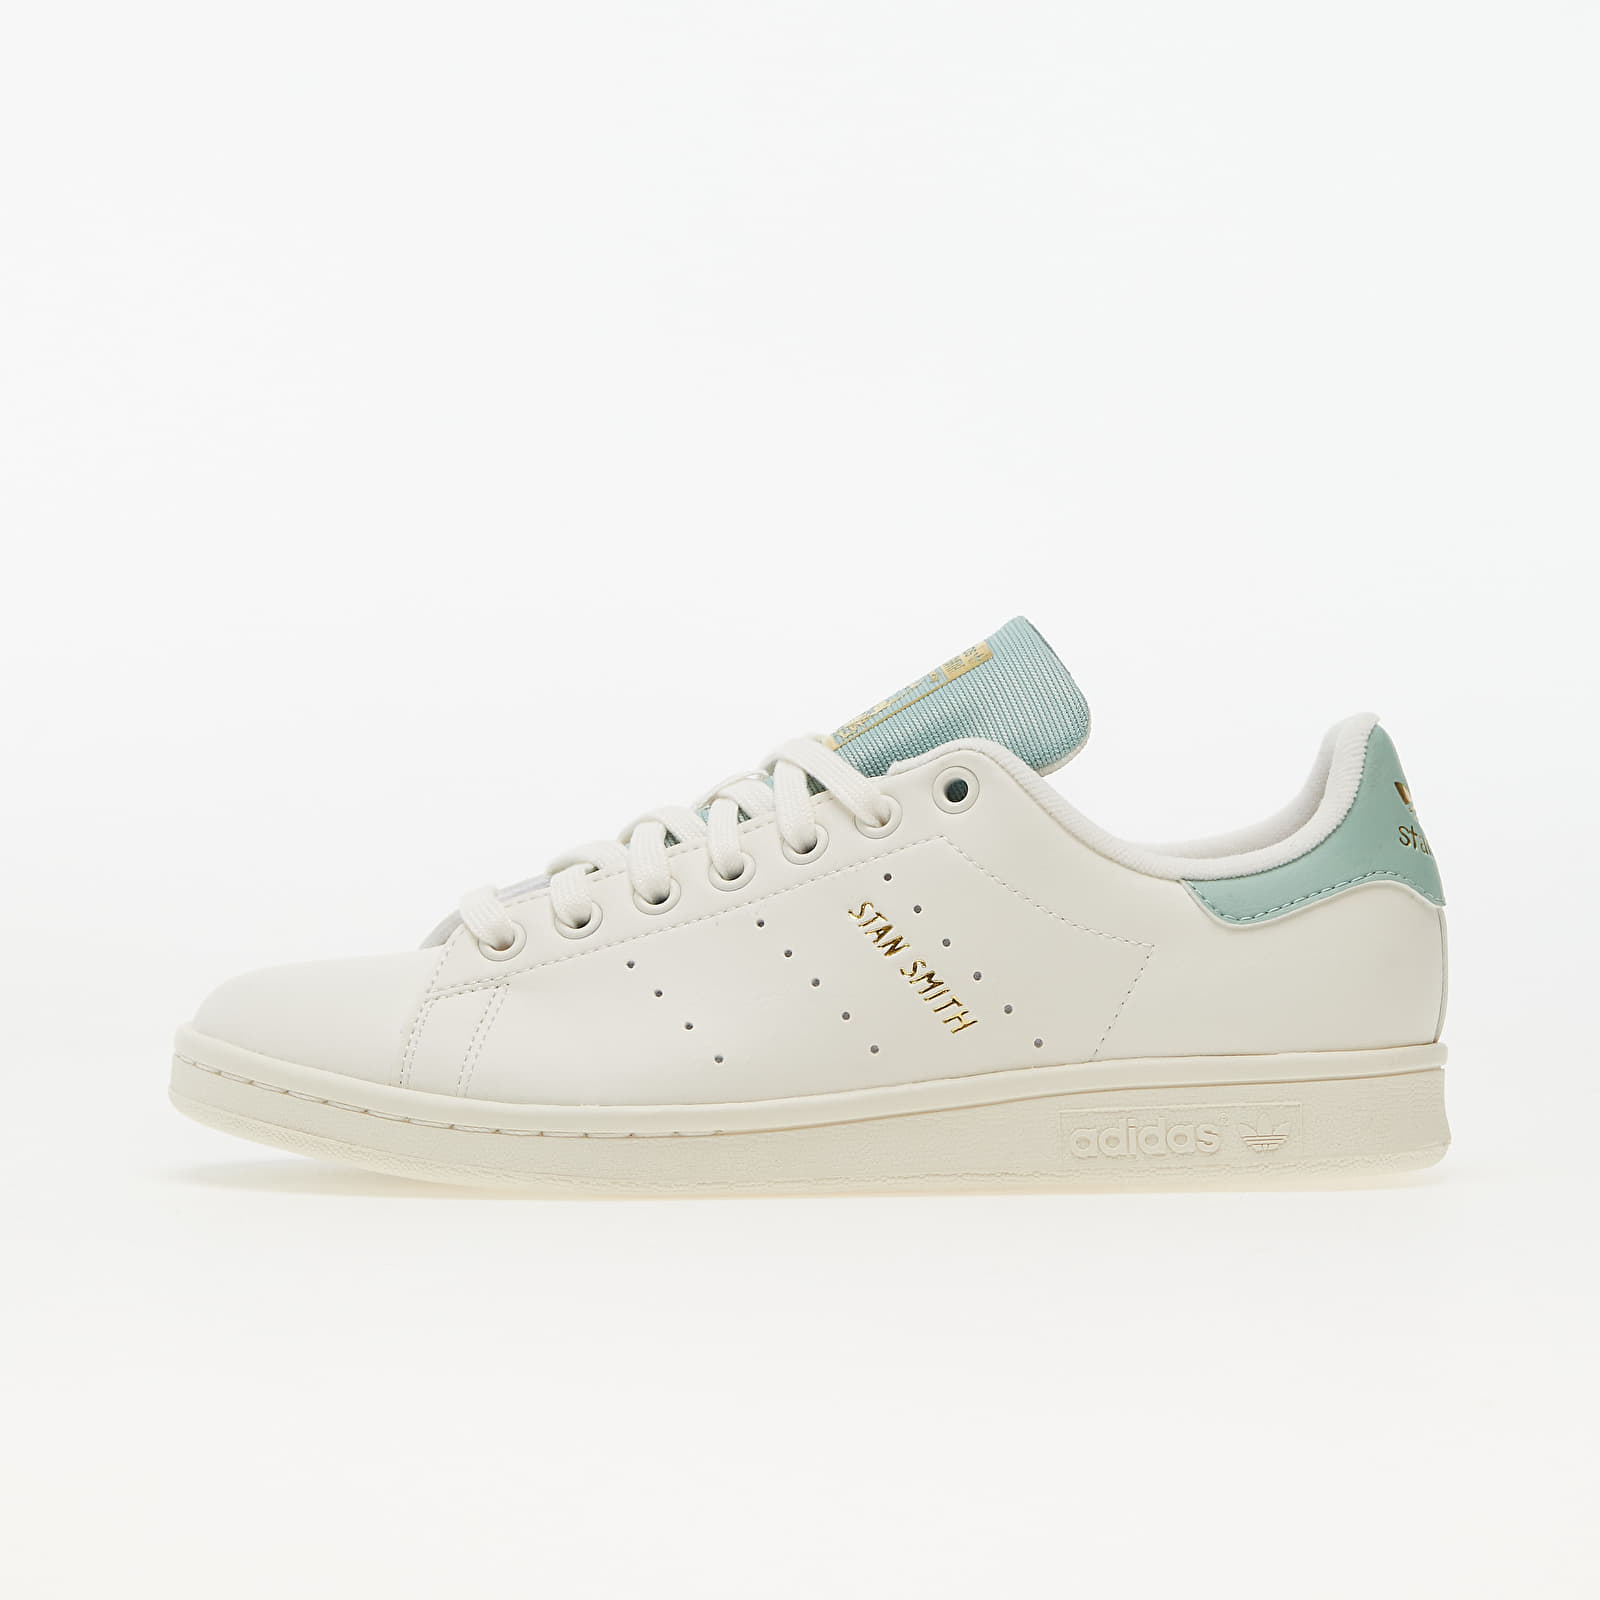 adidas Stan Smith W Cloud White/ Off White/ Haze Green EUR 38